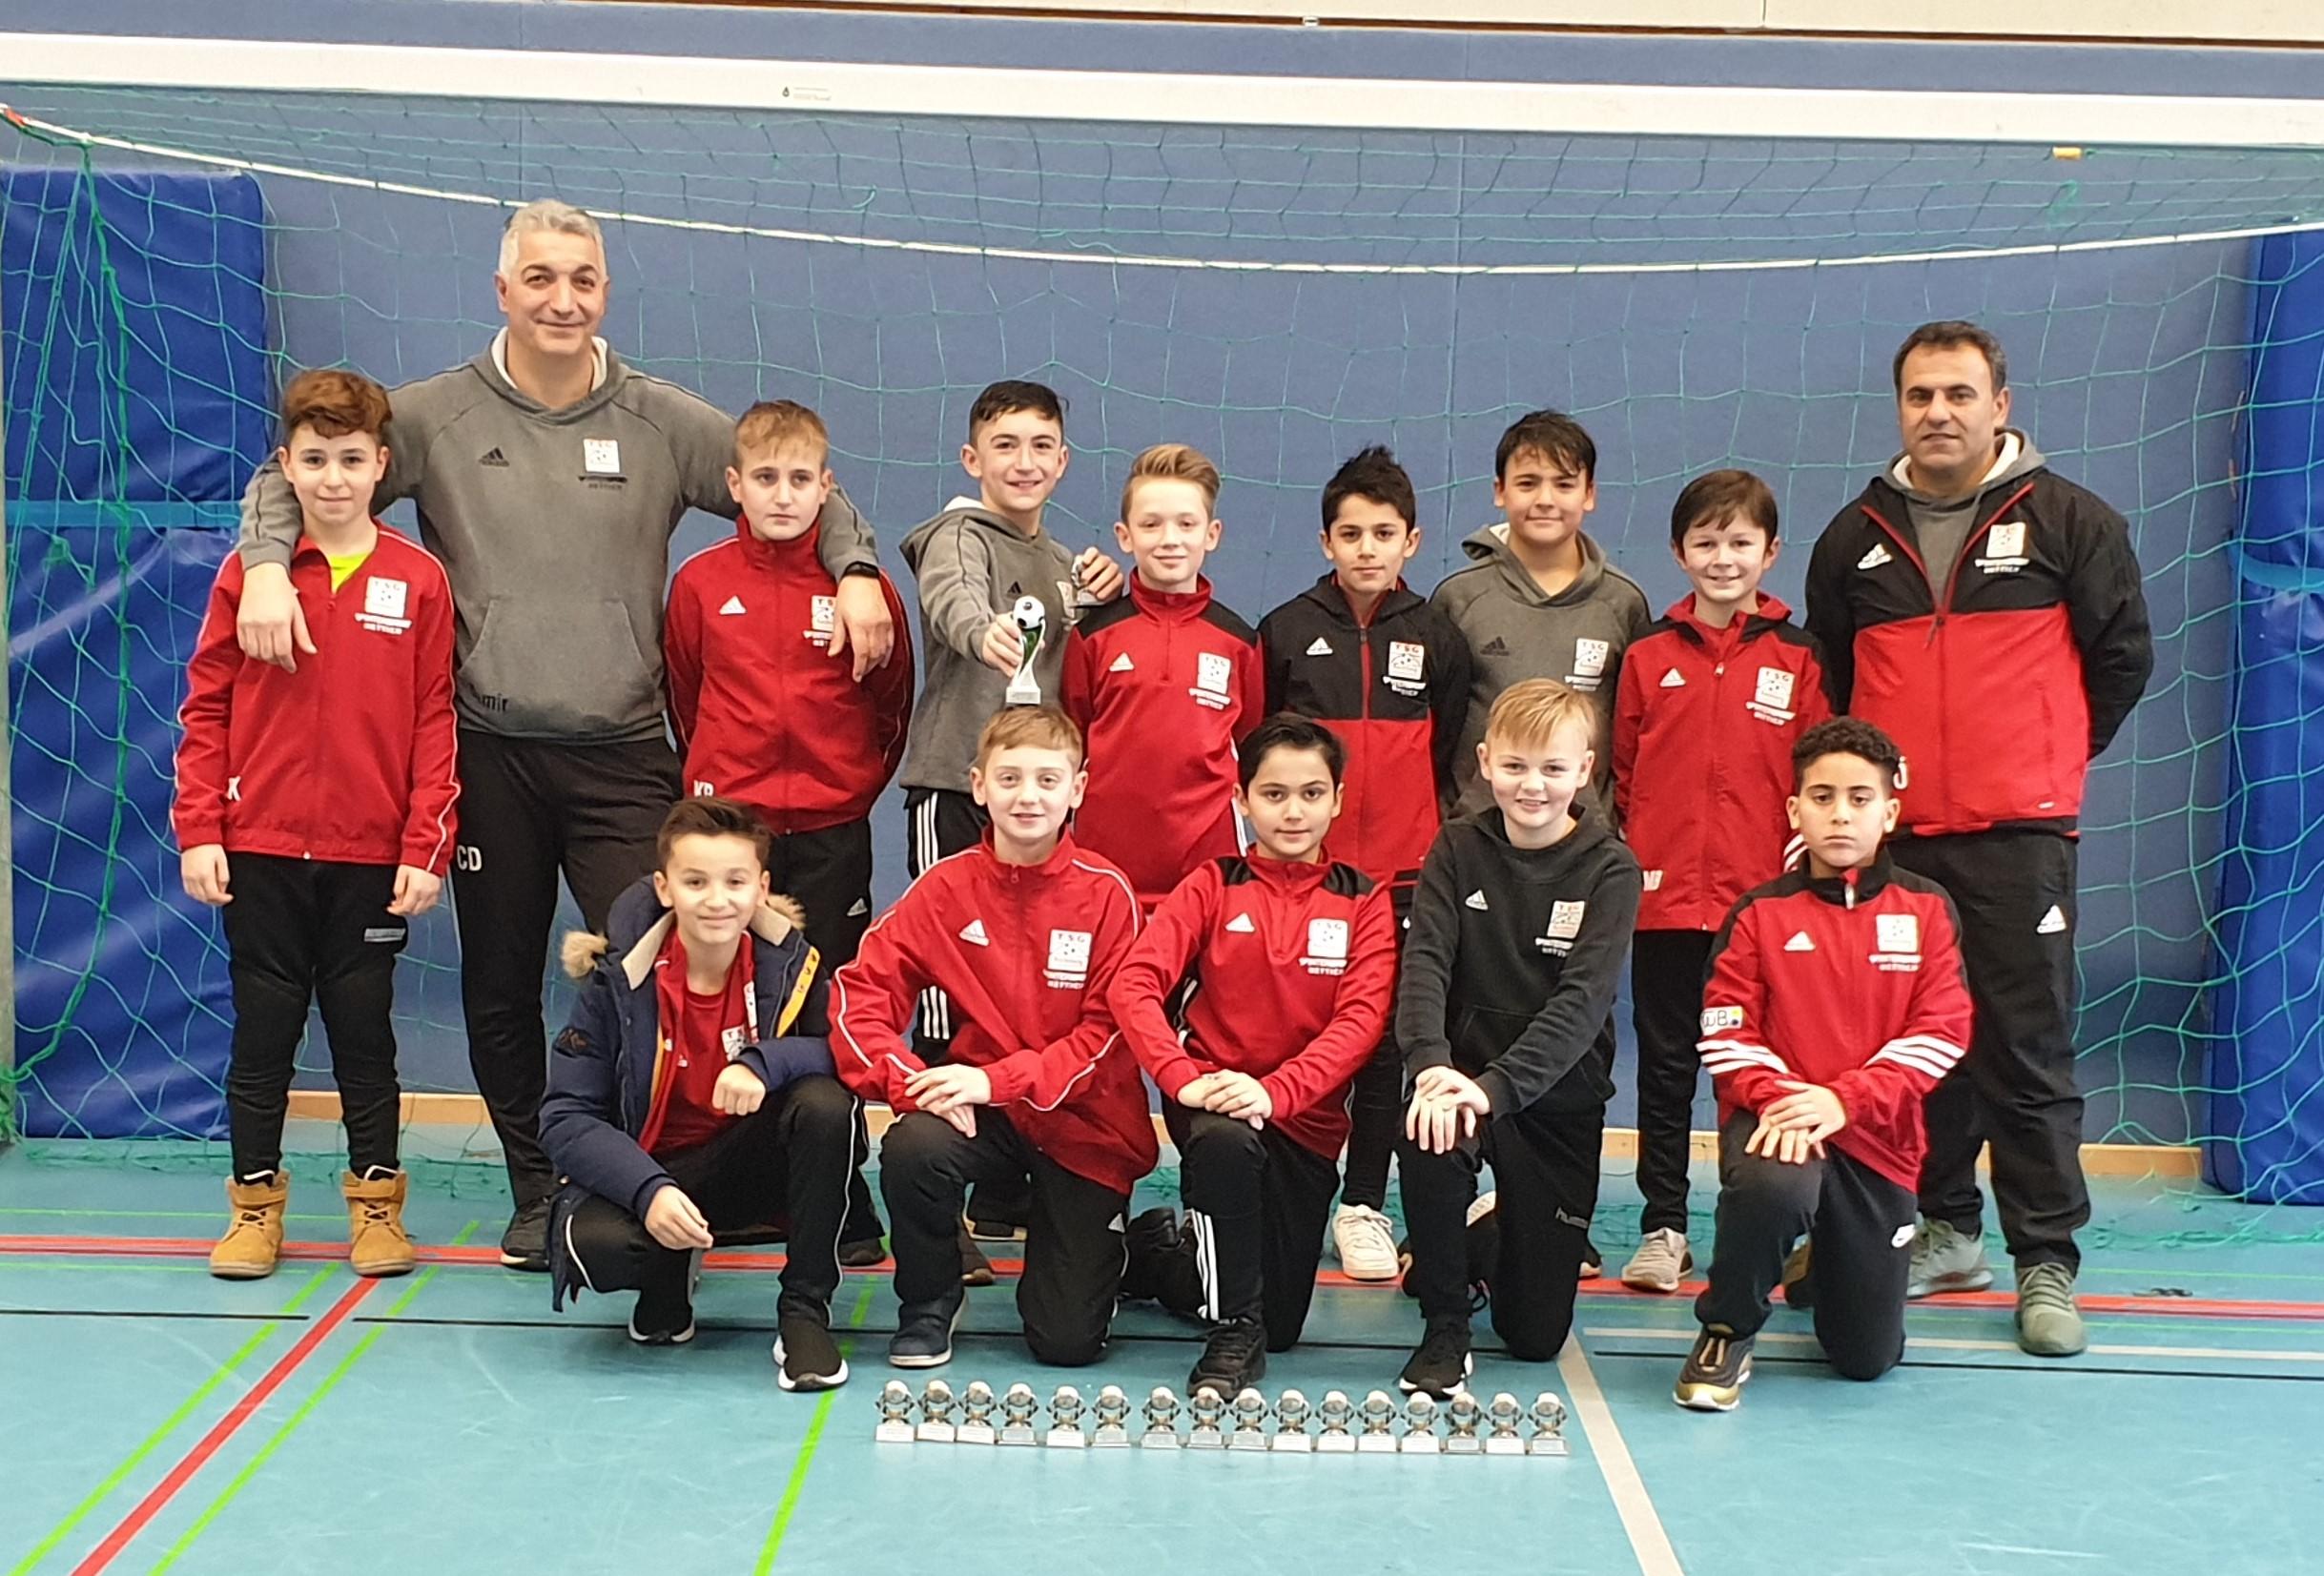 U12: Gute Mannschaftsleistung beim Turnier in Murrhardt